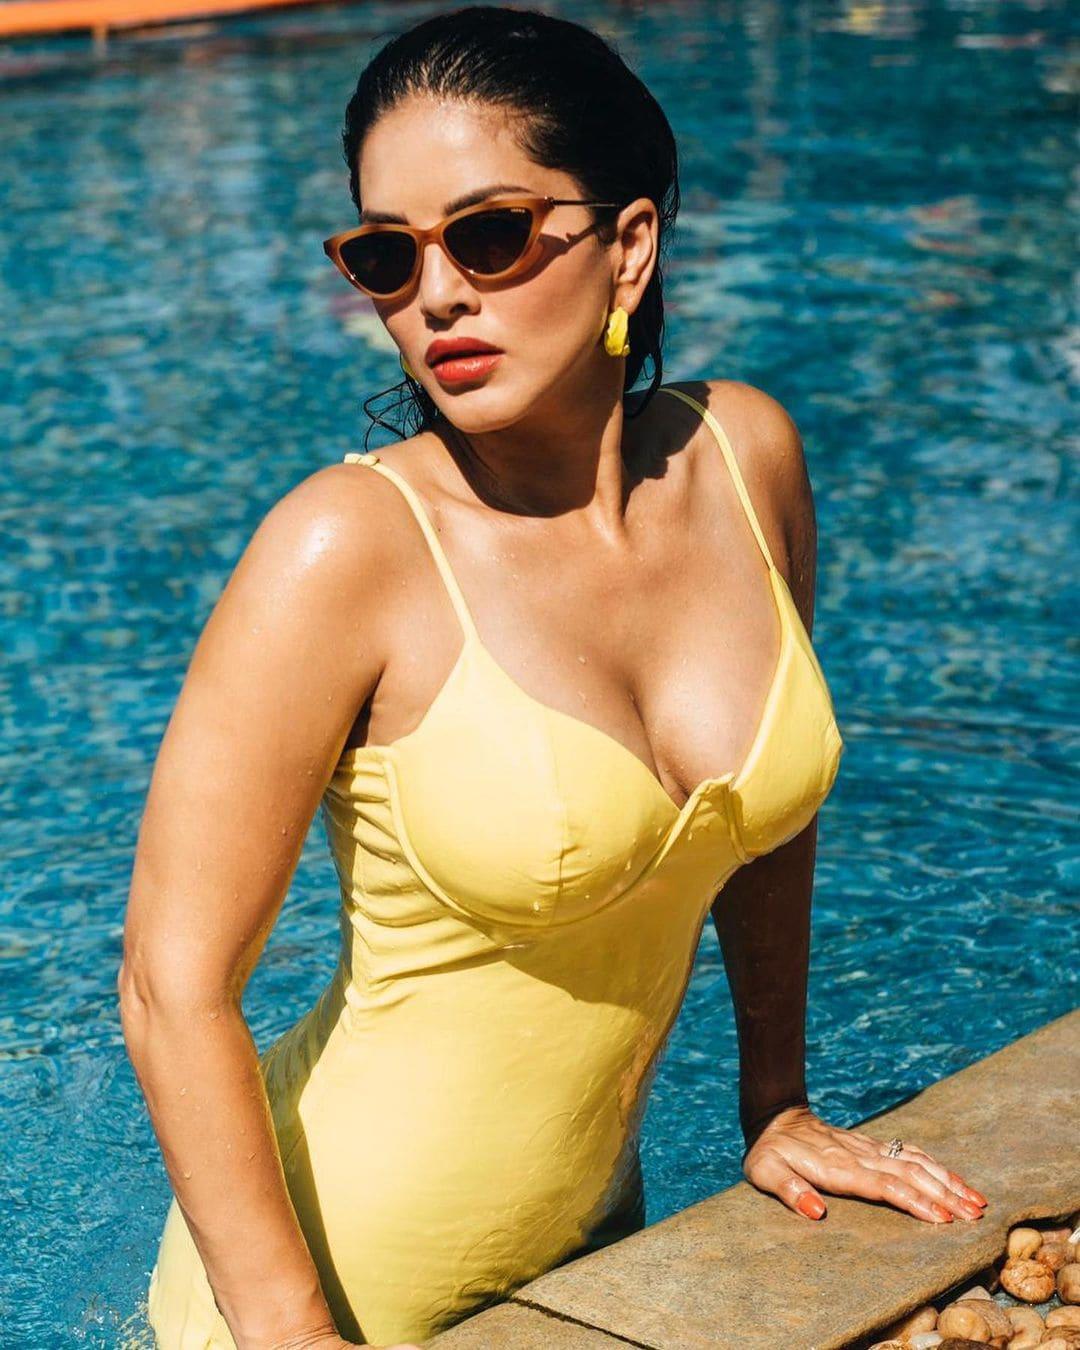 """நடிகை சன்னி லியோன் """"Splitsvilla """" என்ற ரியாலிட்டி டிவி ஷோவிற்காக கேரளாவில் தங்கியுள்ளார்."""